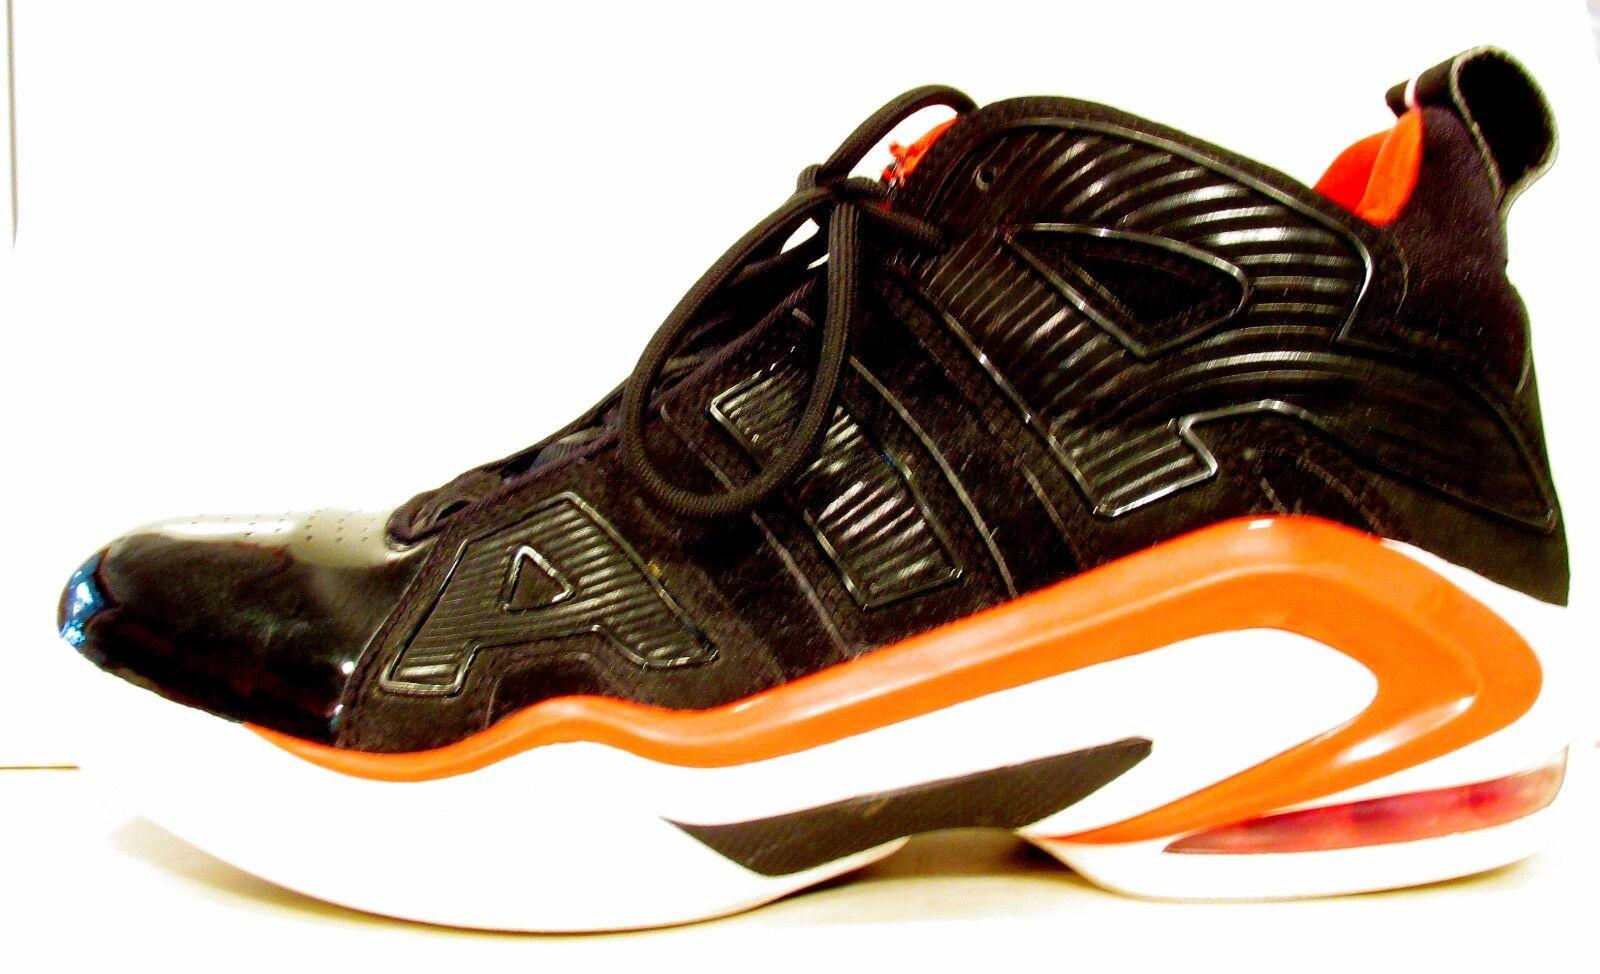 Nuove nike air max basket molto 395708-002 scarpe da basket max (8) f0b63a